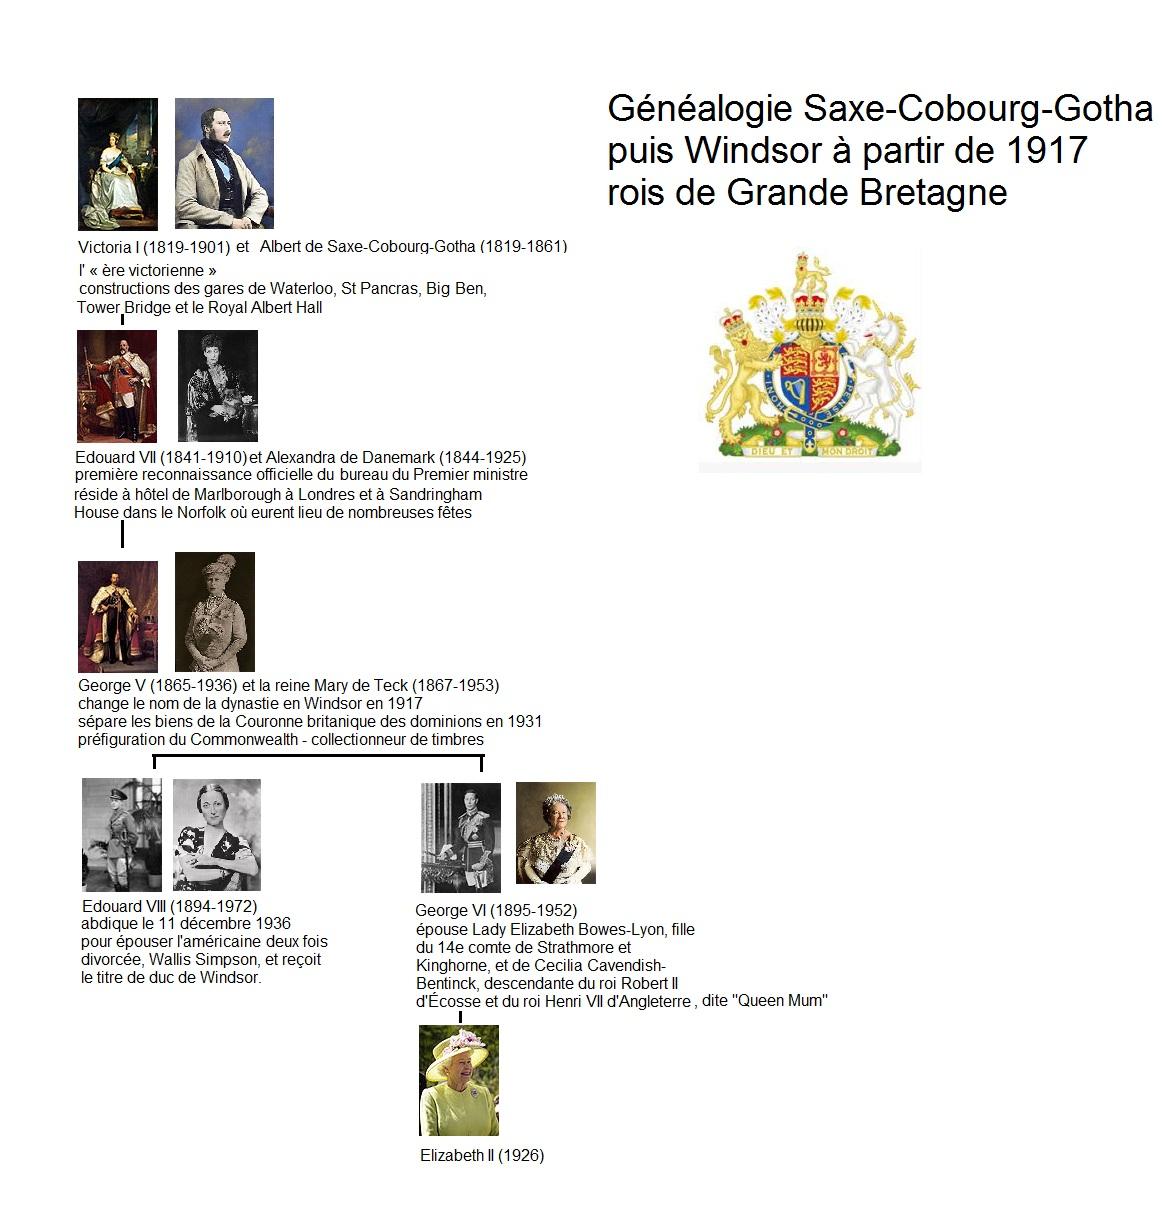 Hortibus Genealogie Windsor Descendance De La Reine Victoria De